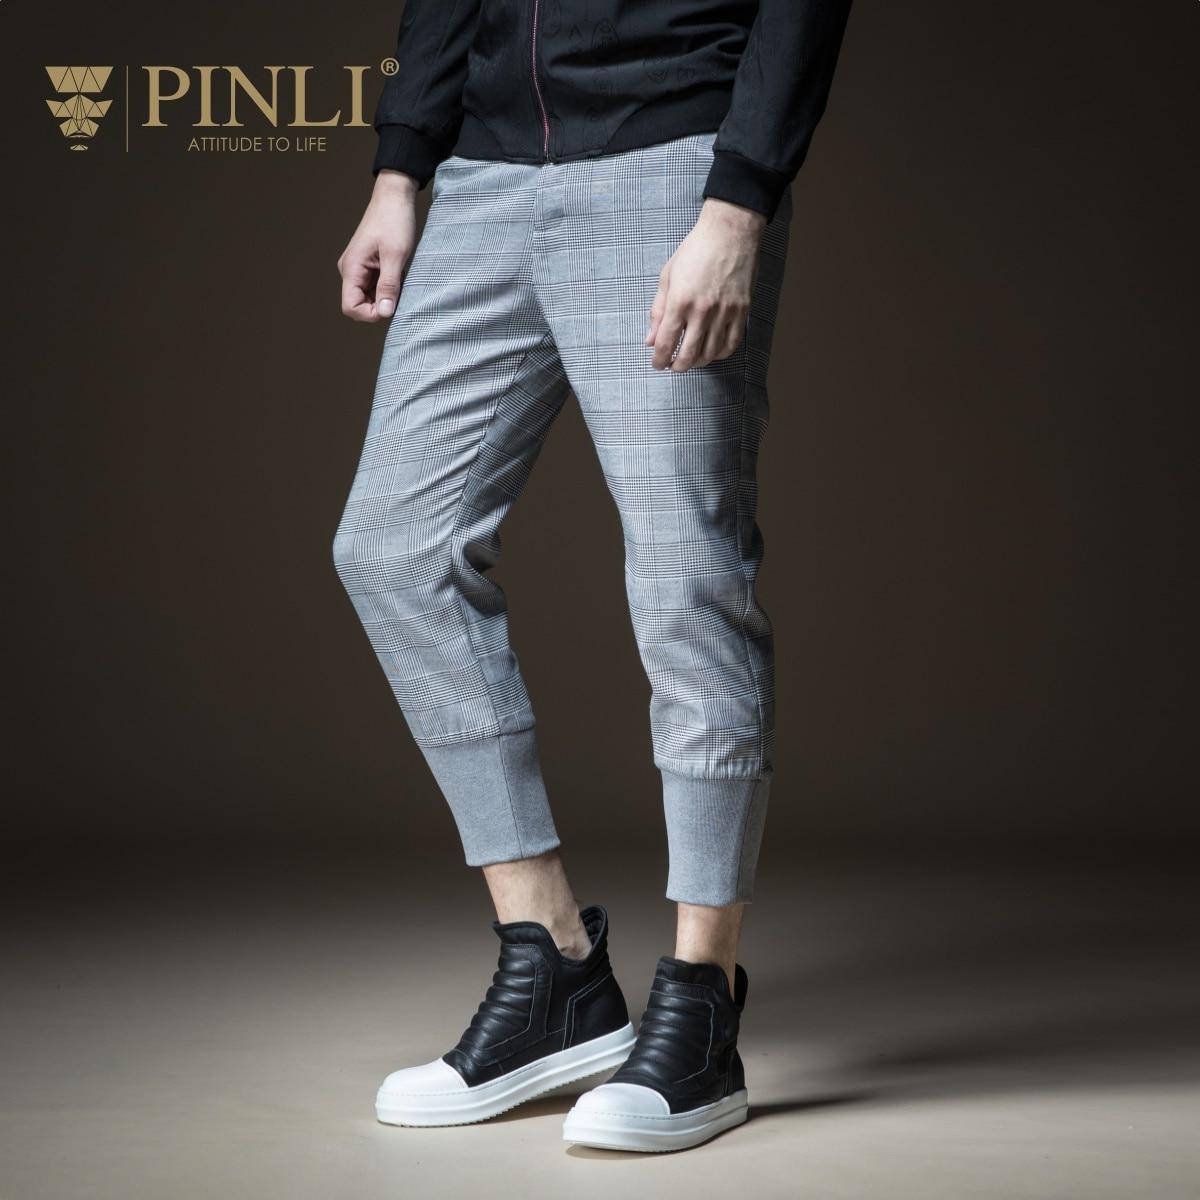 2019 vrai pantalons de survêtement vente cheville-longueur pantalon mi hommes Pinli Pin Li nouveau Style hommes corps à l'automne, 9 pieds pantalon, B183317319